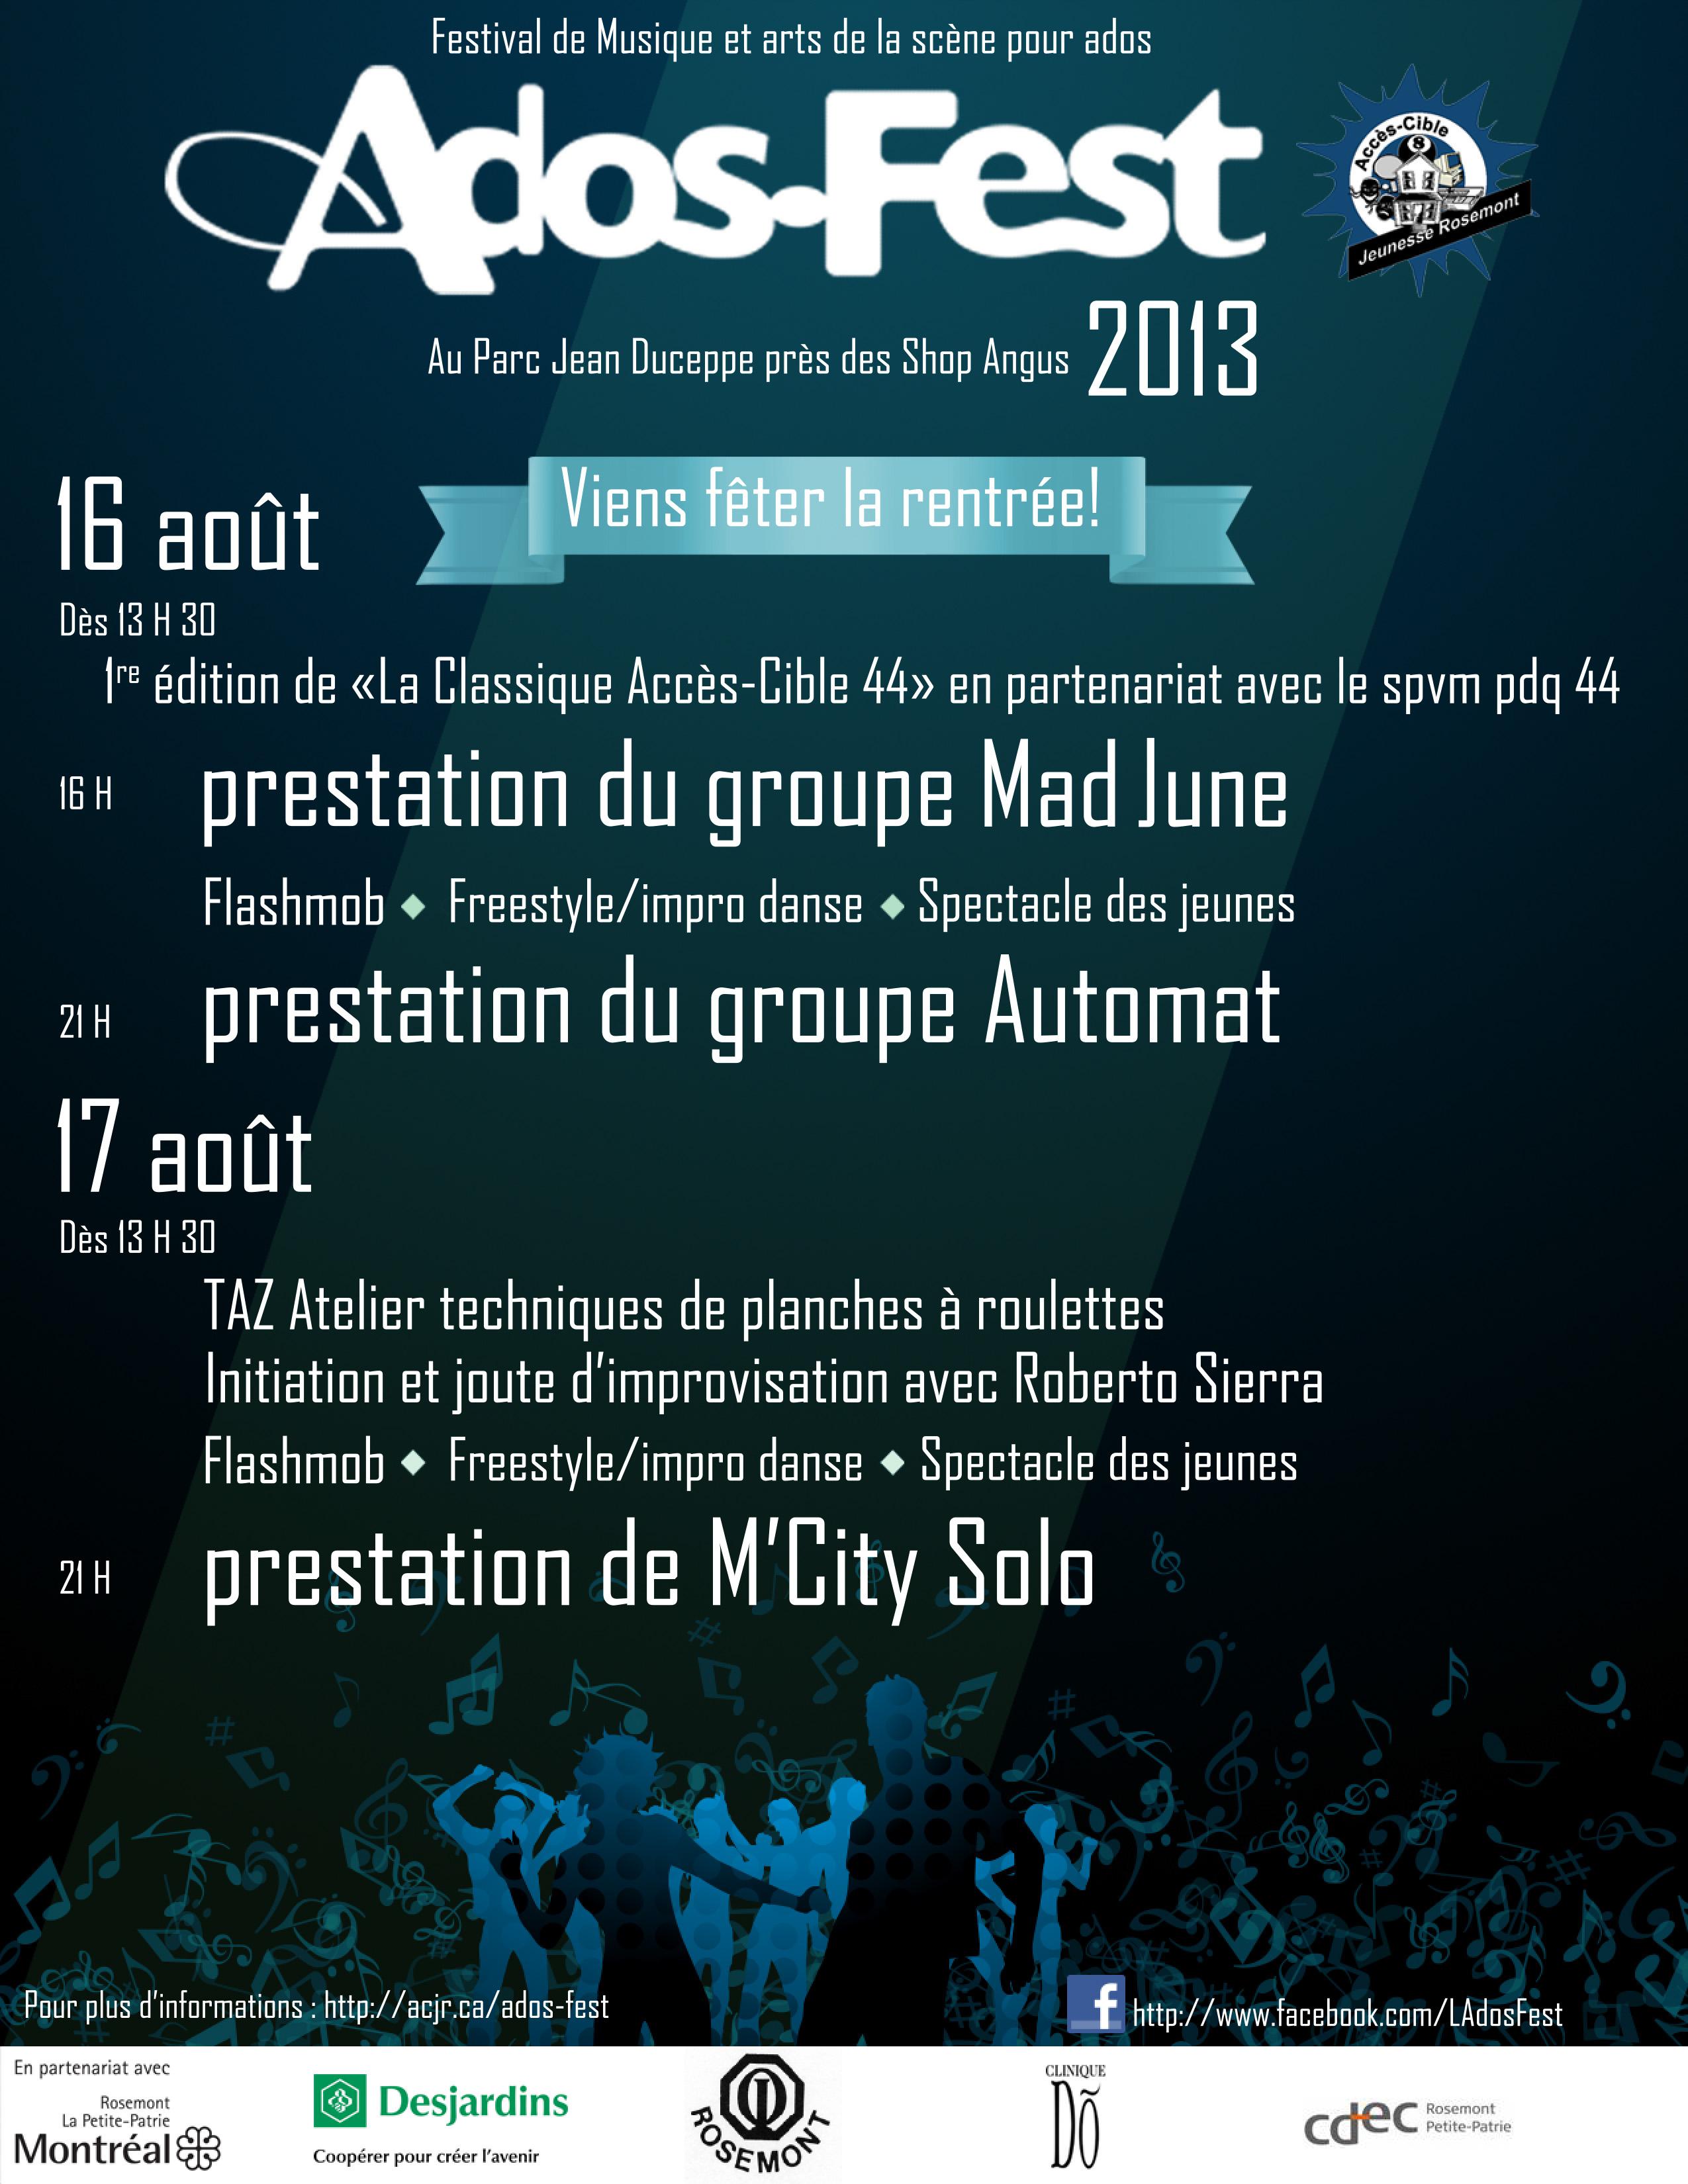 POSTER ADOS-FEST 2013